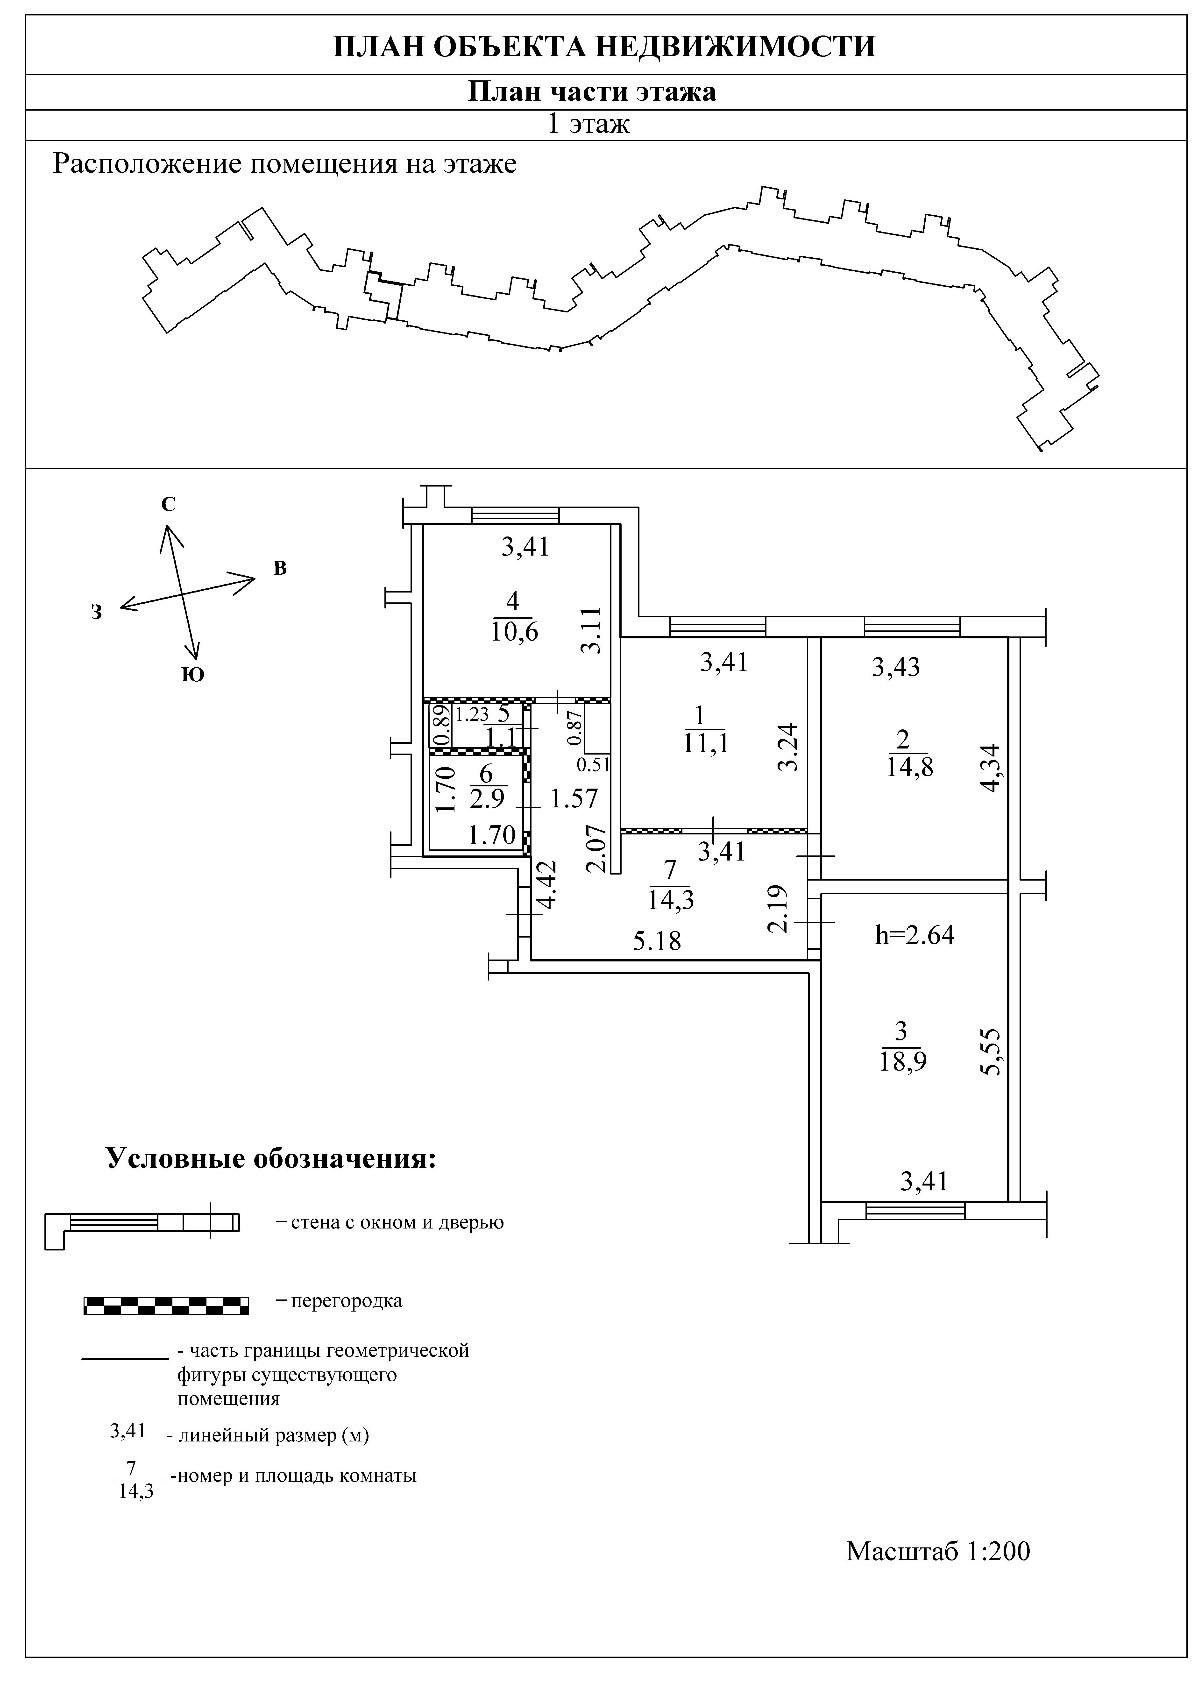 Кейс как сократить расходы на 100 000 руб. при переводе нежилого помещения в жилое